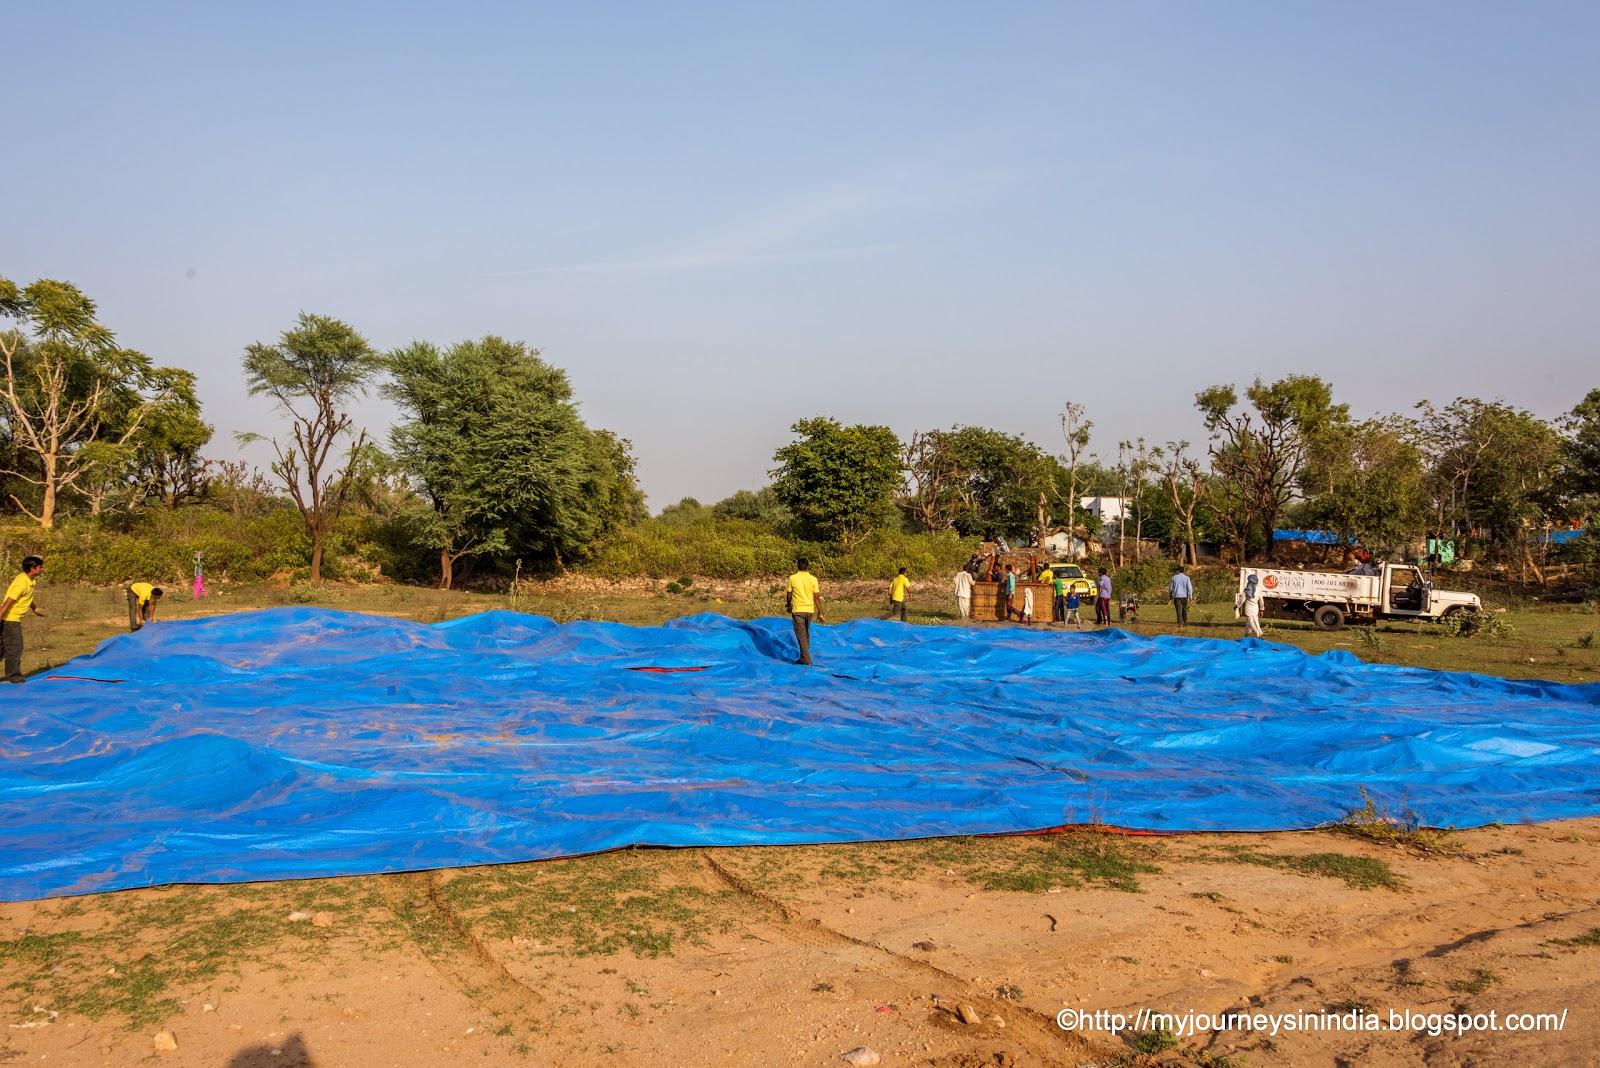 Hot Air Ballooning at Jaipur, Rajasthan India, Near Amer Fort